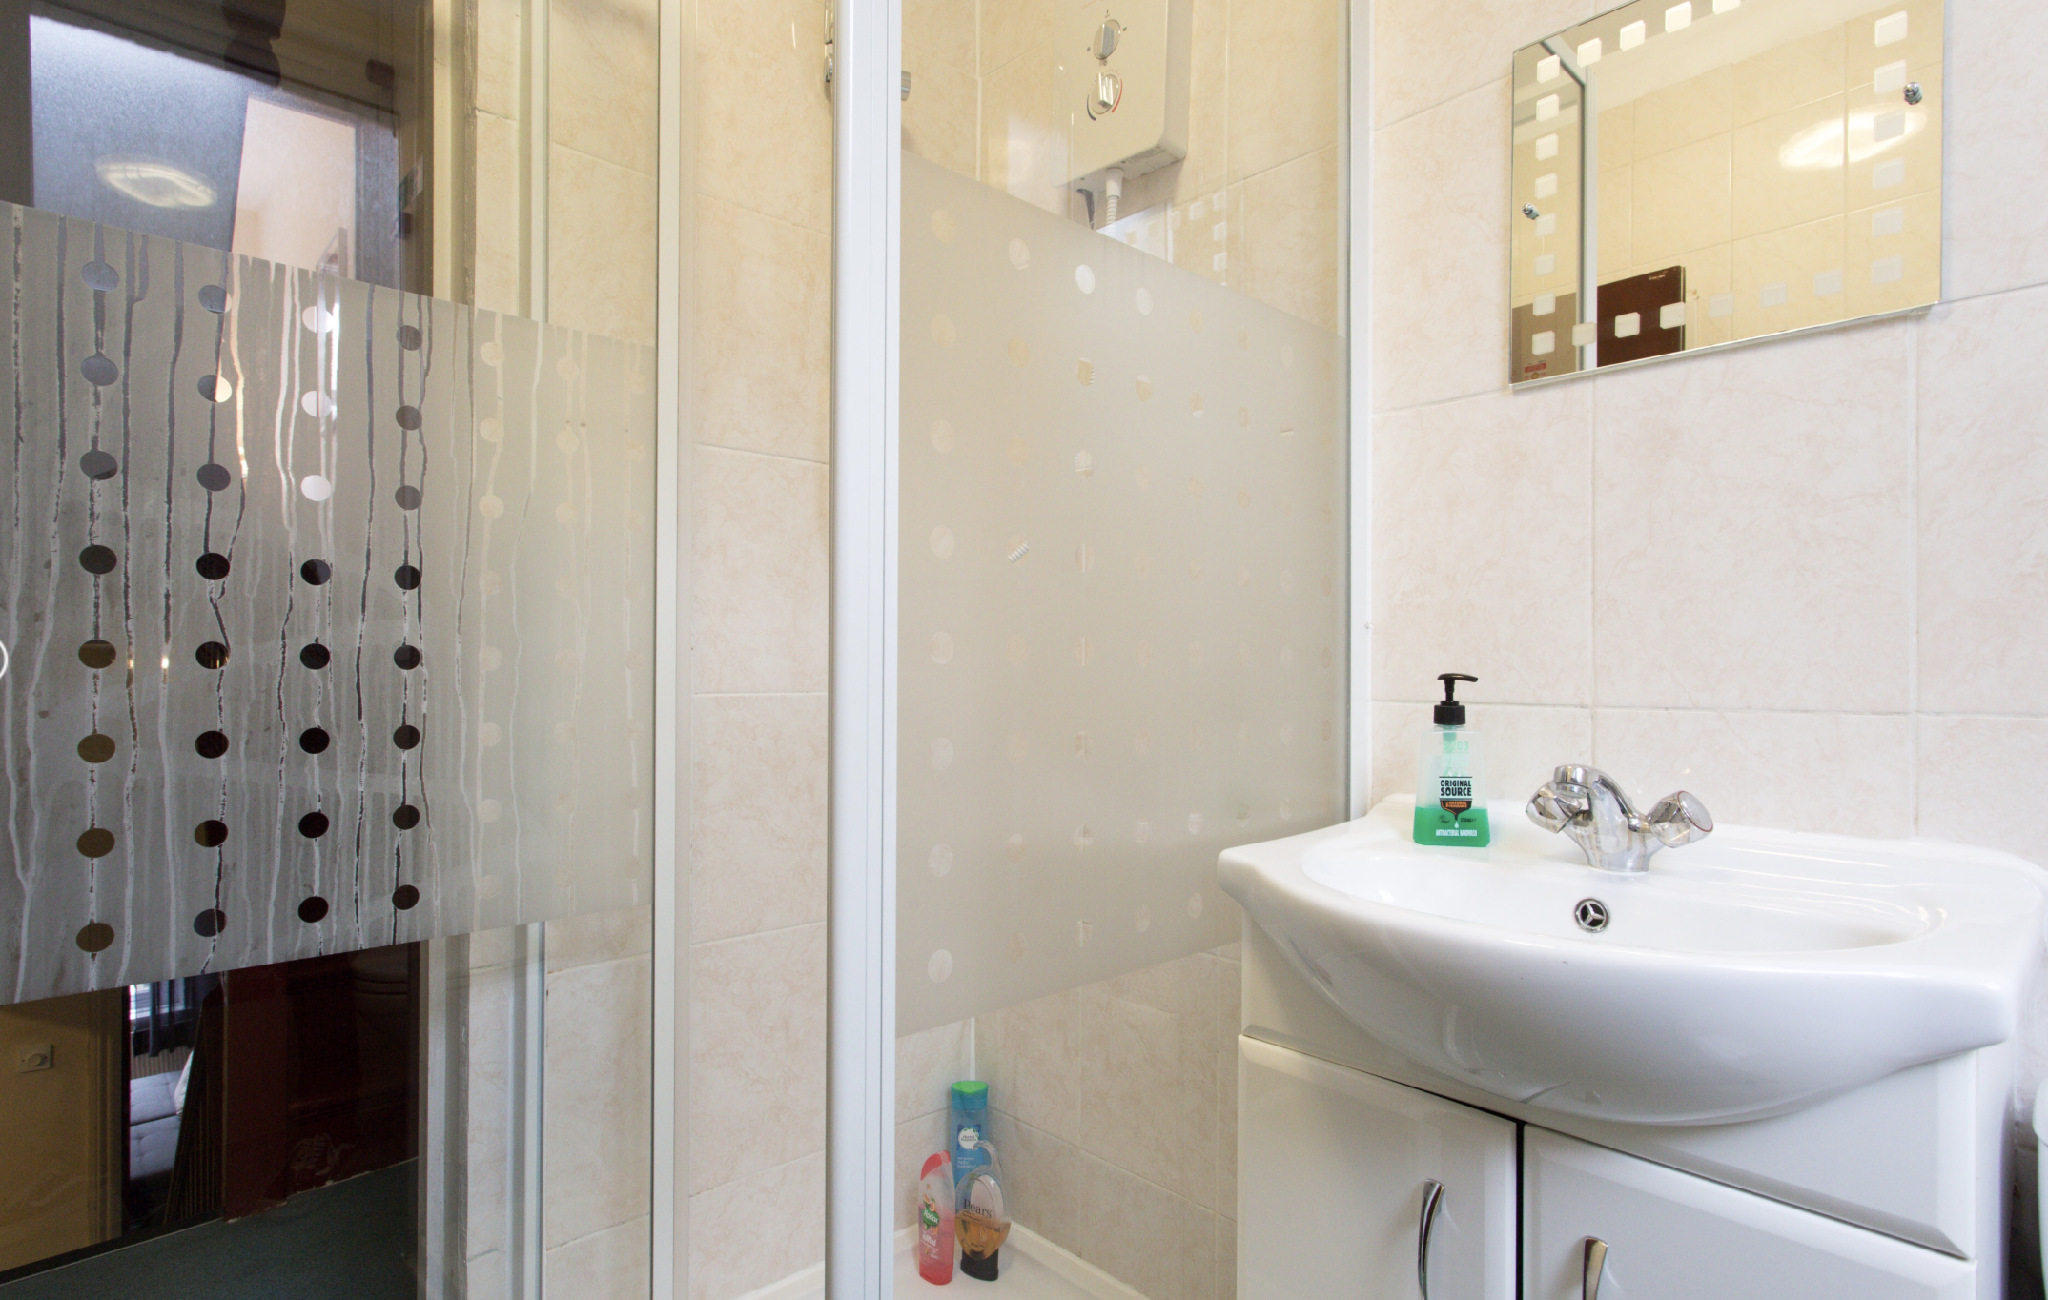 Bloomsbury Room 4 With Shared Bathroom  RU CL